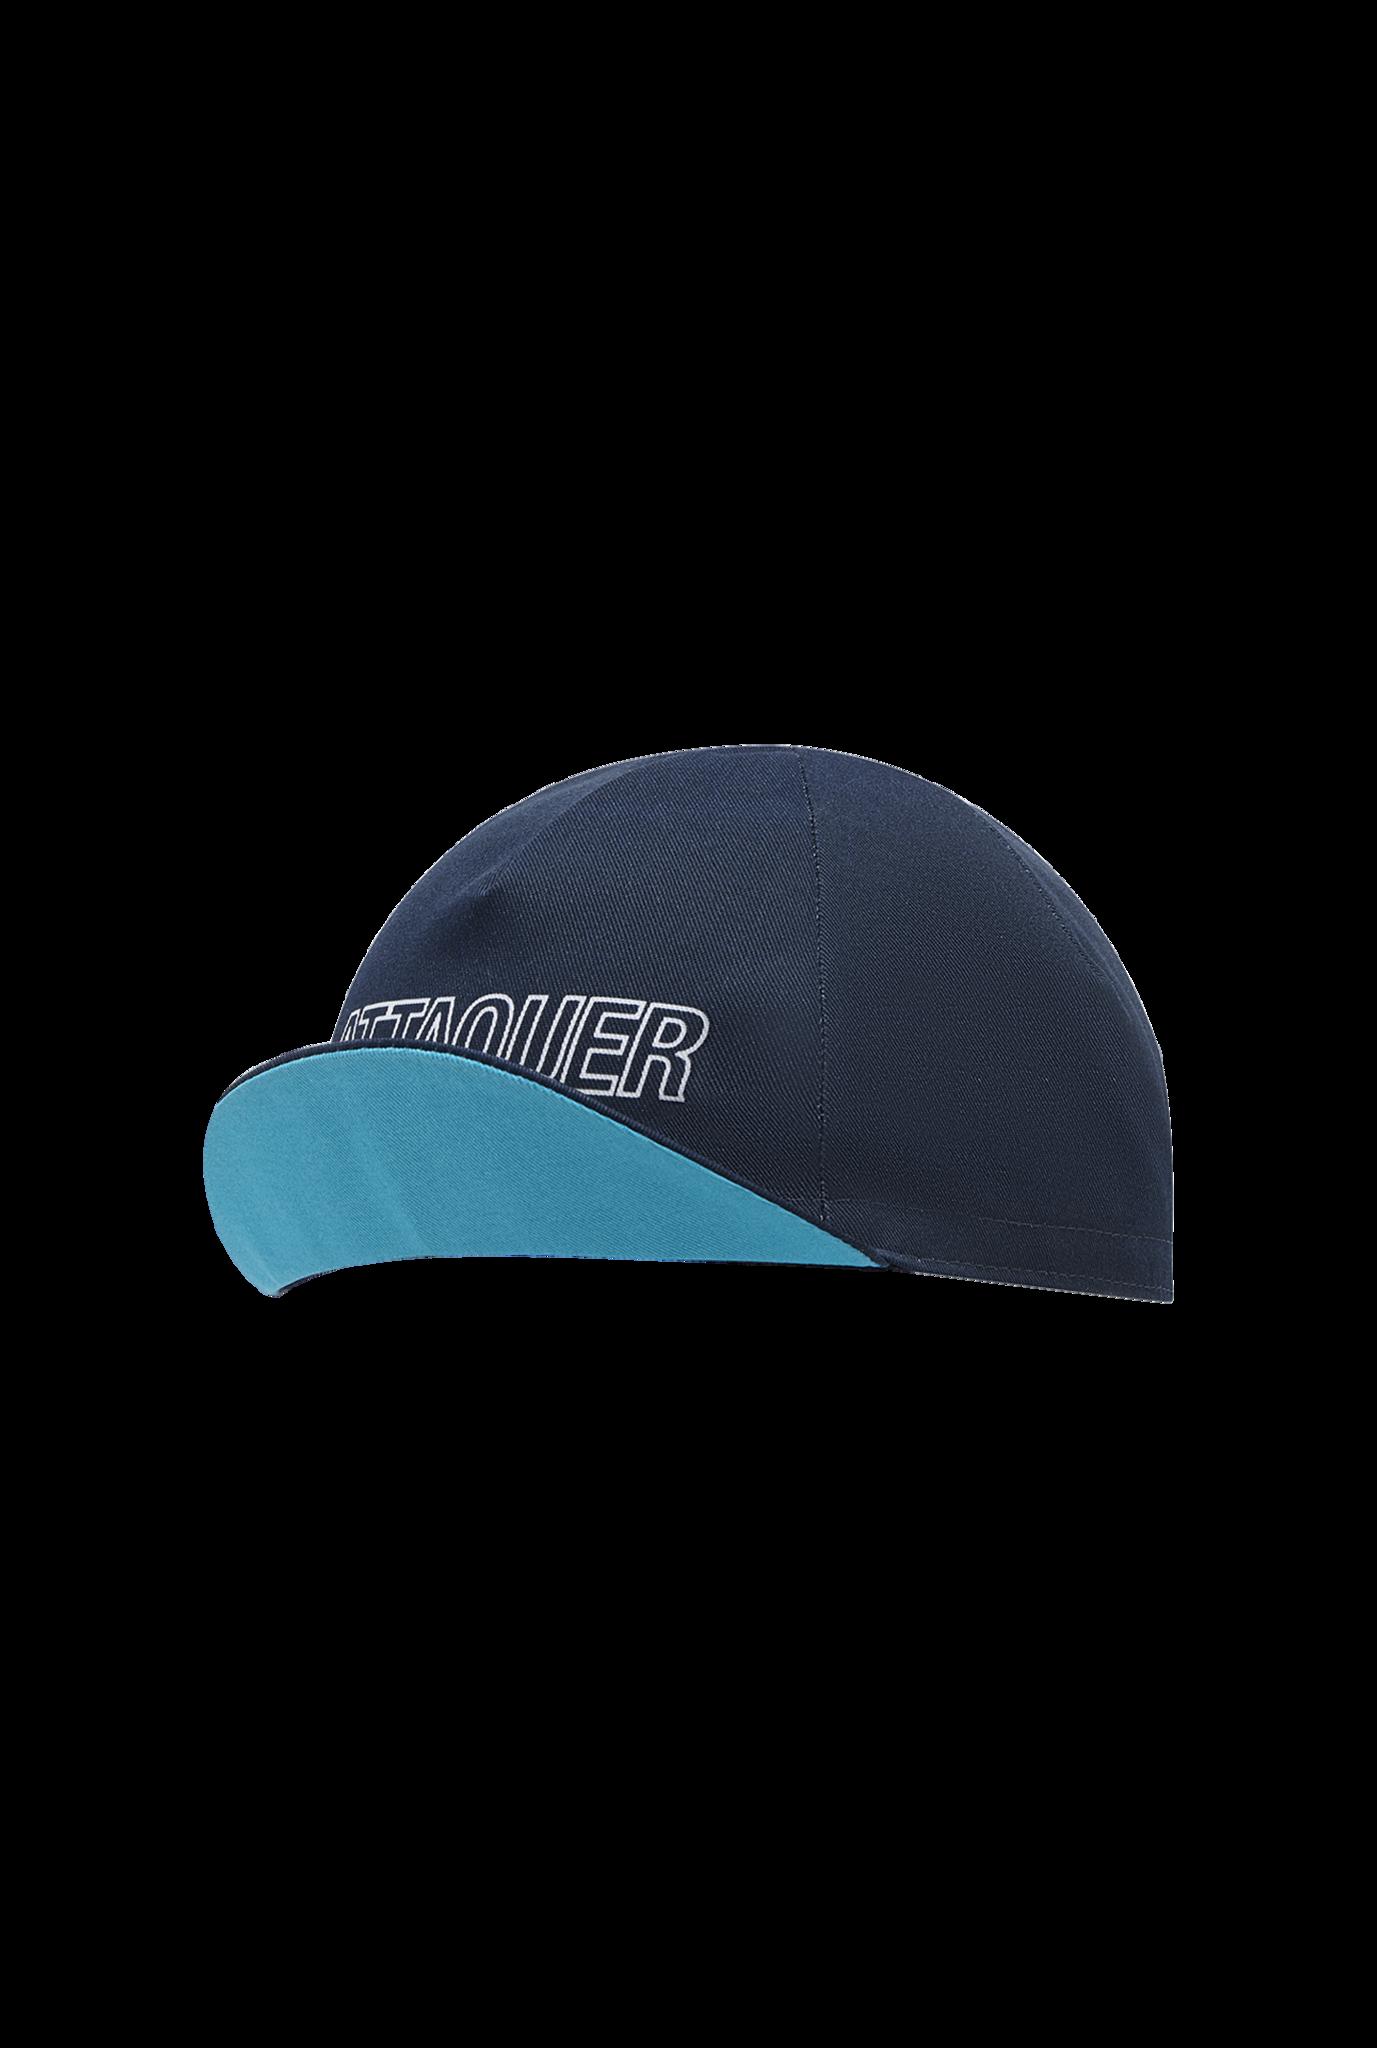 Outliner Logo Koerspet Blauw-2